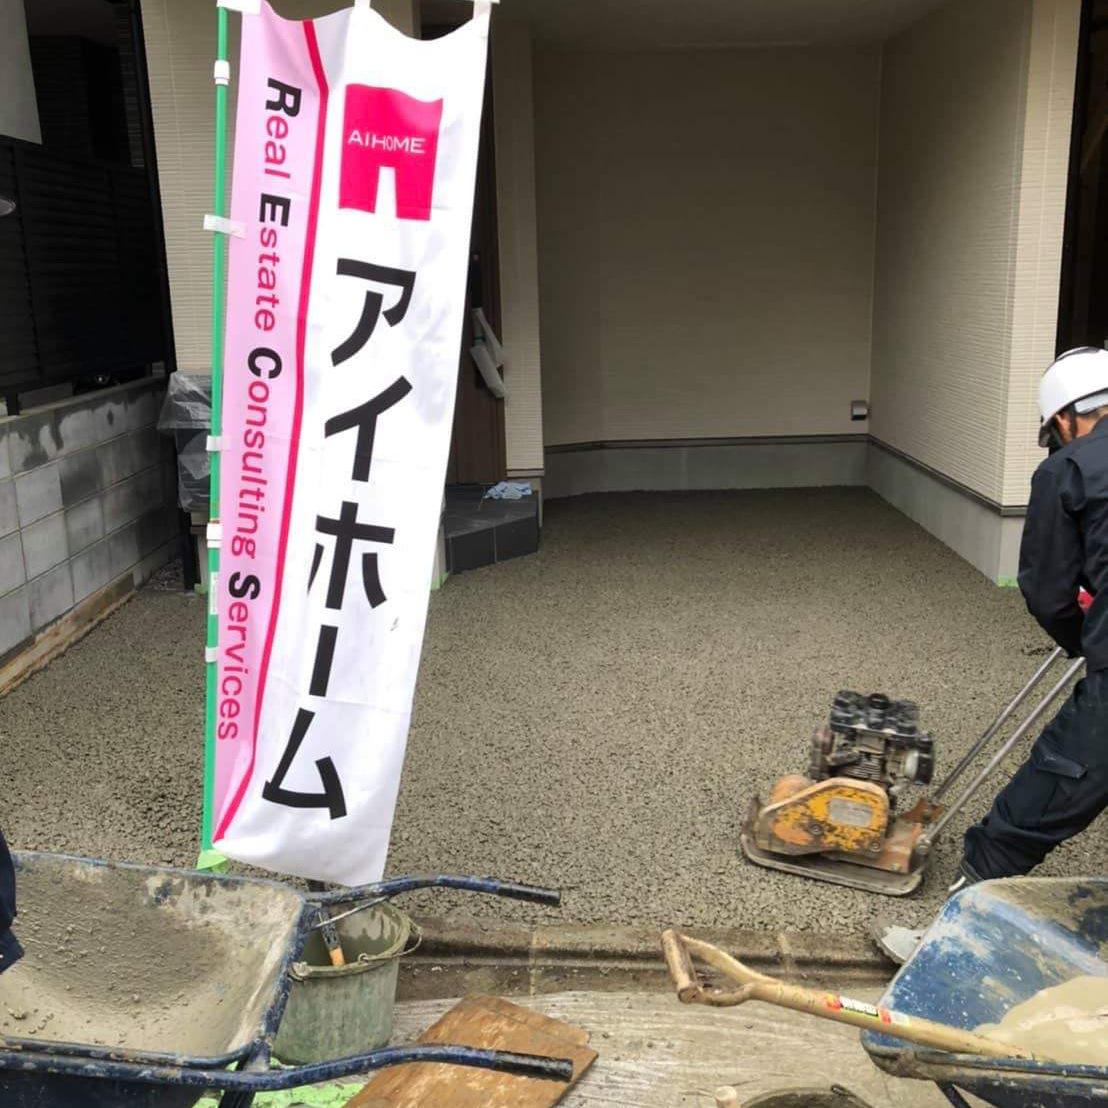 【東京】「これで帰って良いの?」「透水性コンクリート初出荷、無事完了しました!」アイホーム、MURATORE、三郷生コン